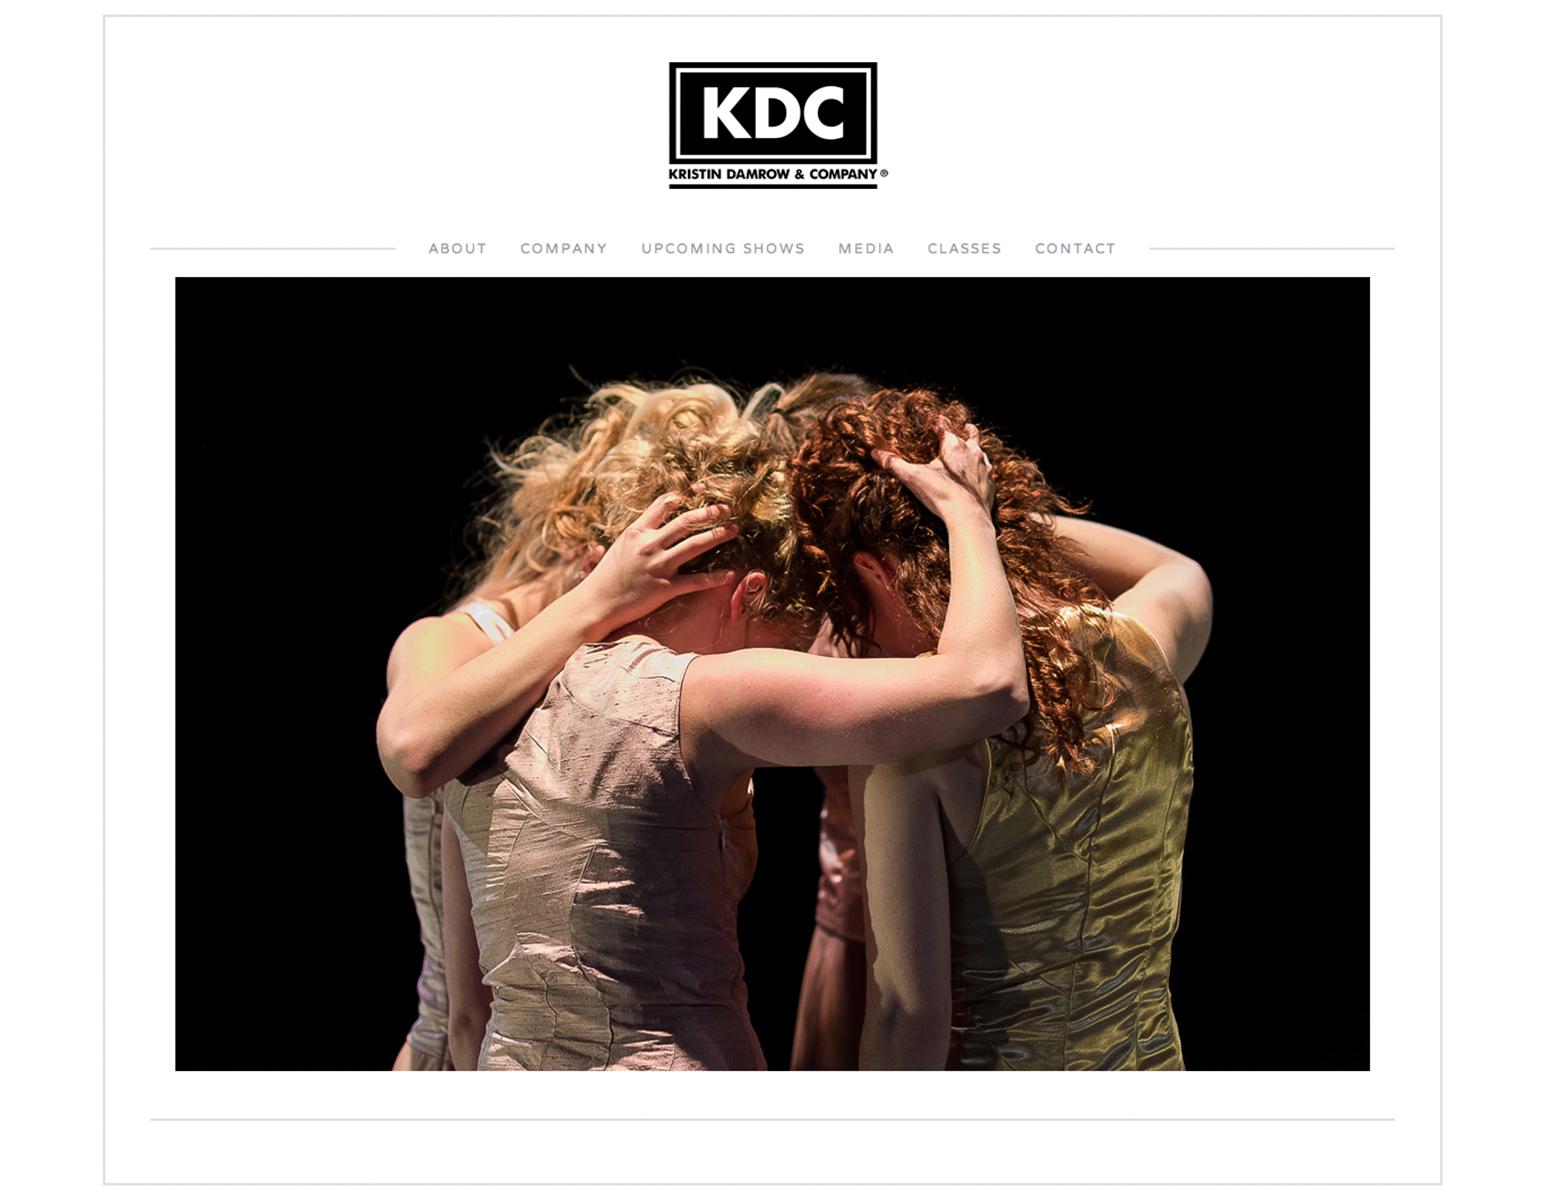 KDC_ss_1.jpg